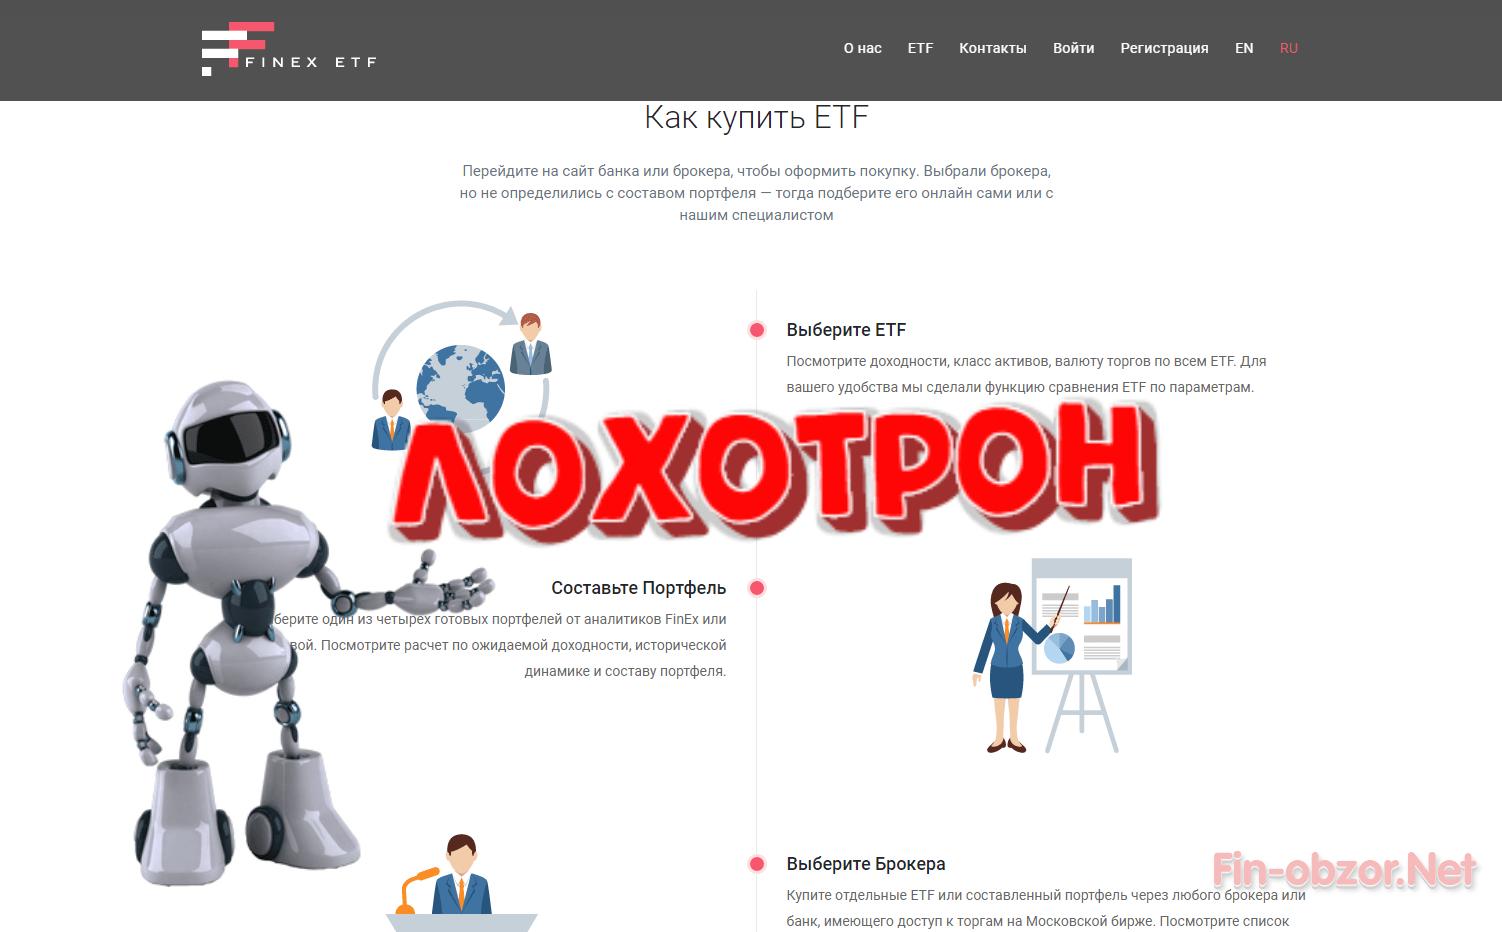 finetfx.com отзывы и анализ